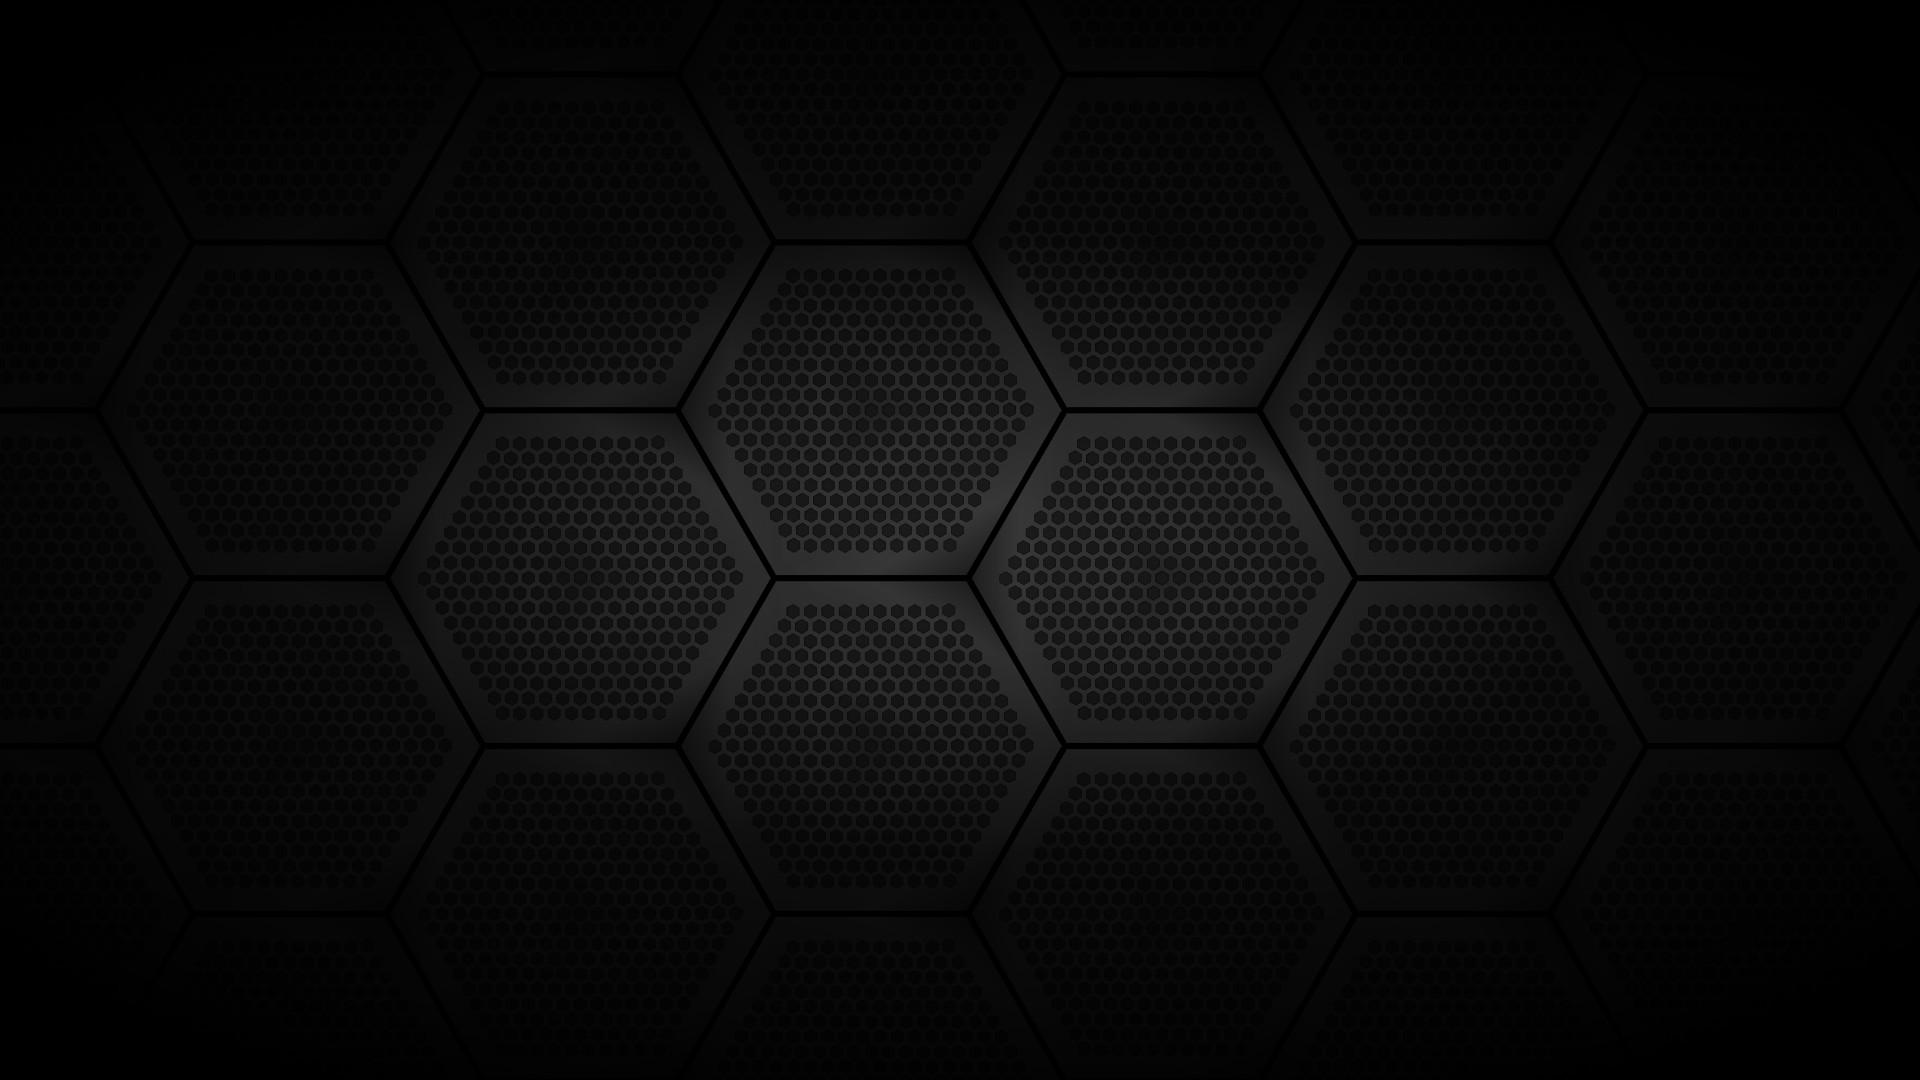 hexagons textures / Wallpaper